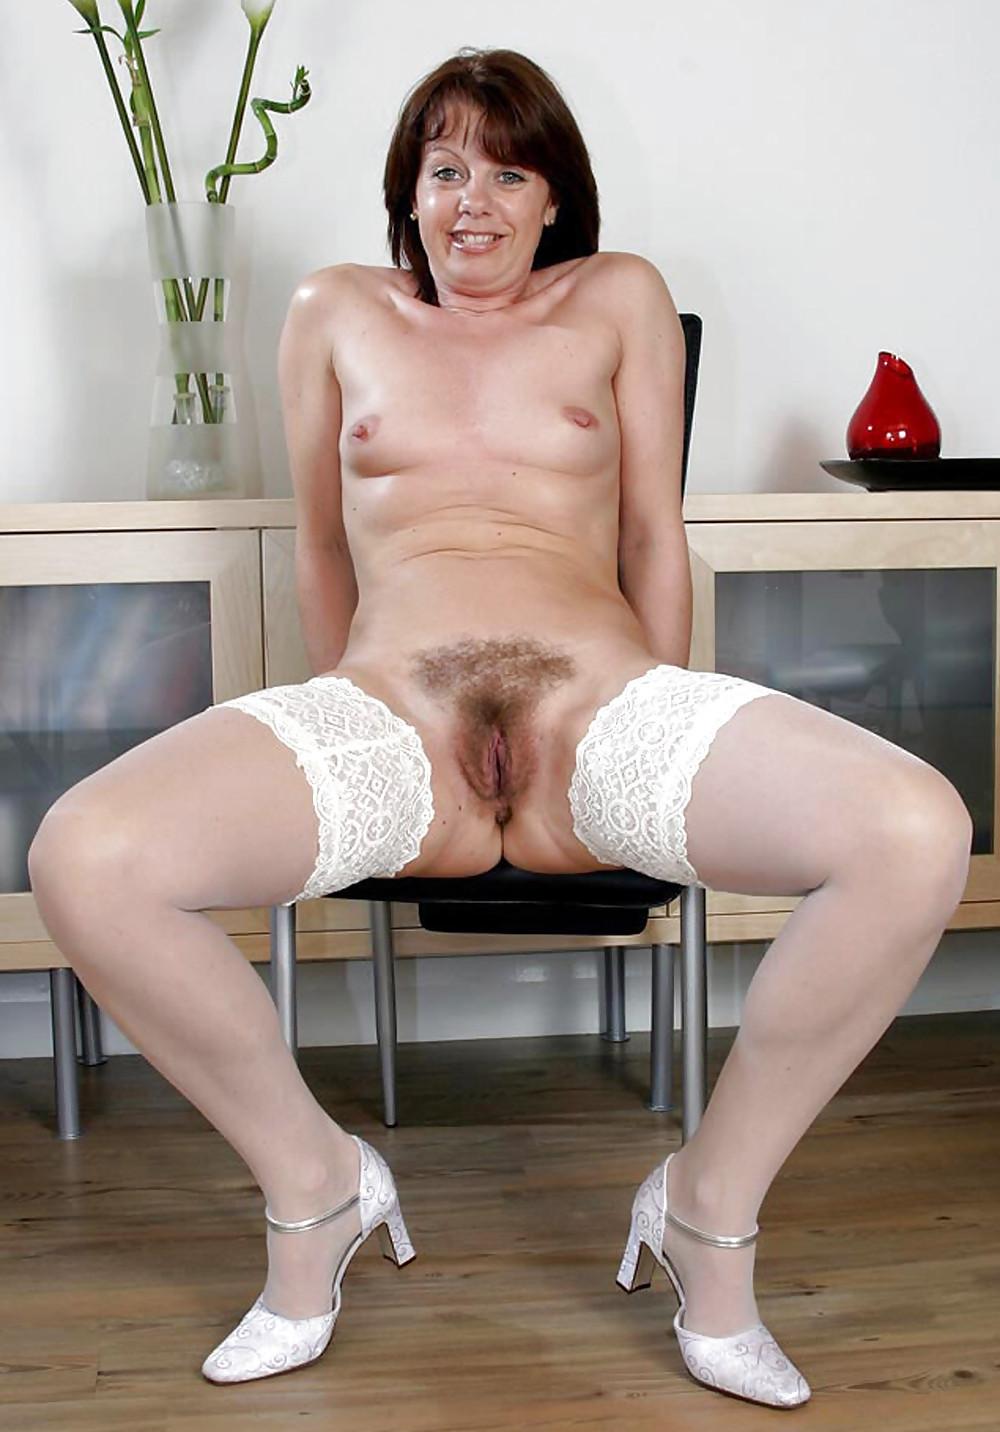 tumblr sweet vagina